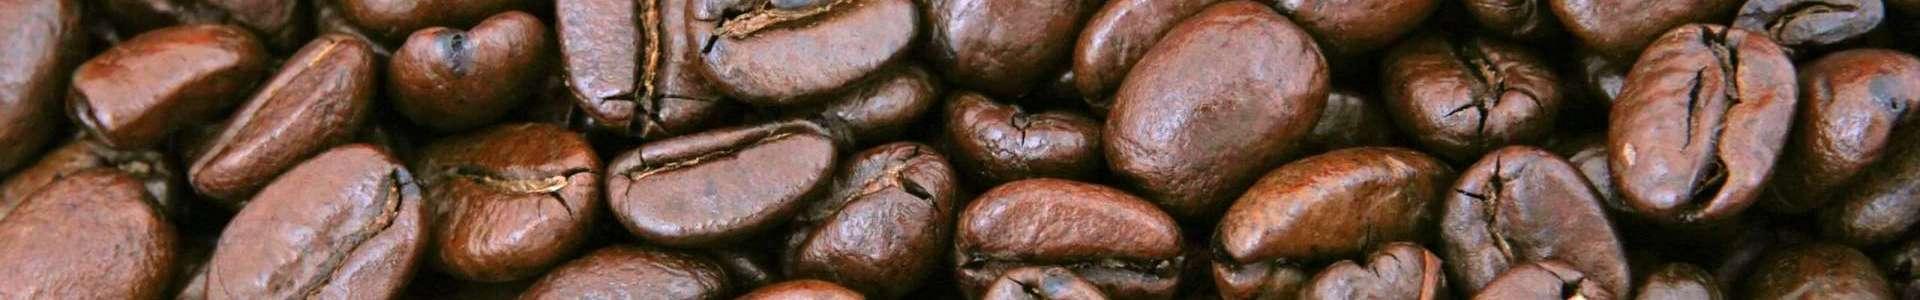 Kaffeesteuer